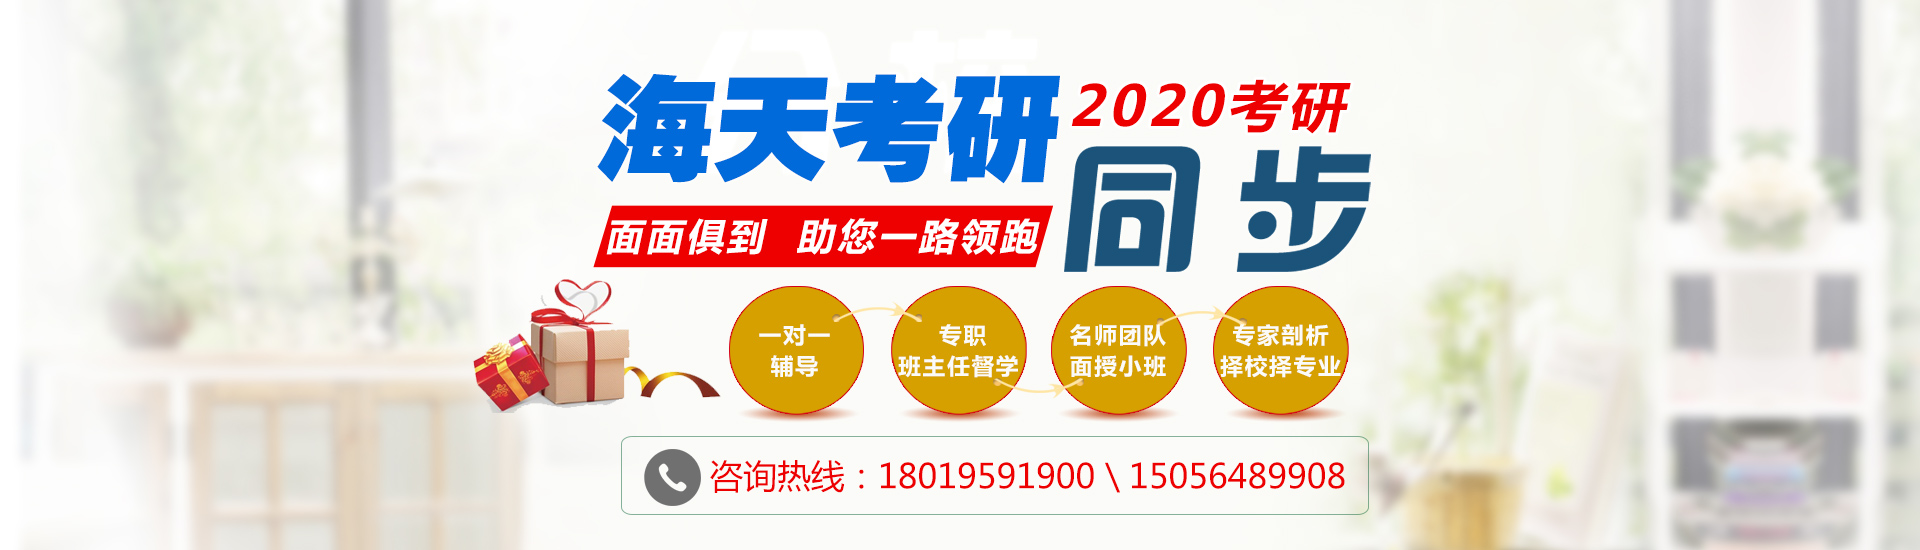 芜湖海天考研报名培训